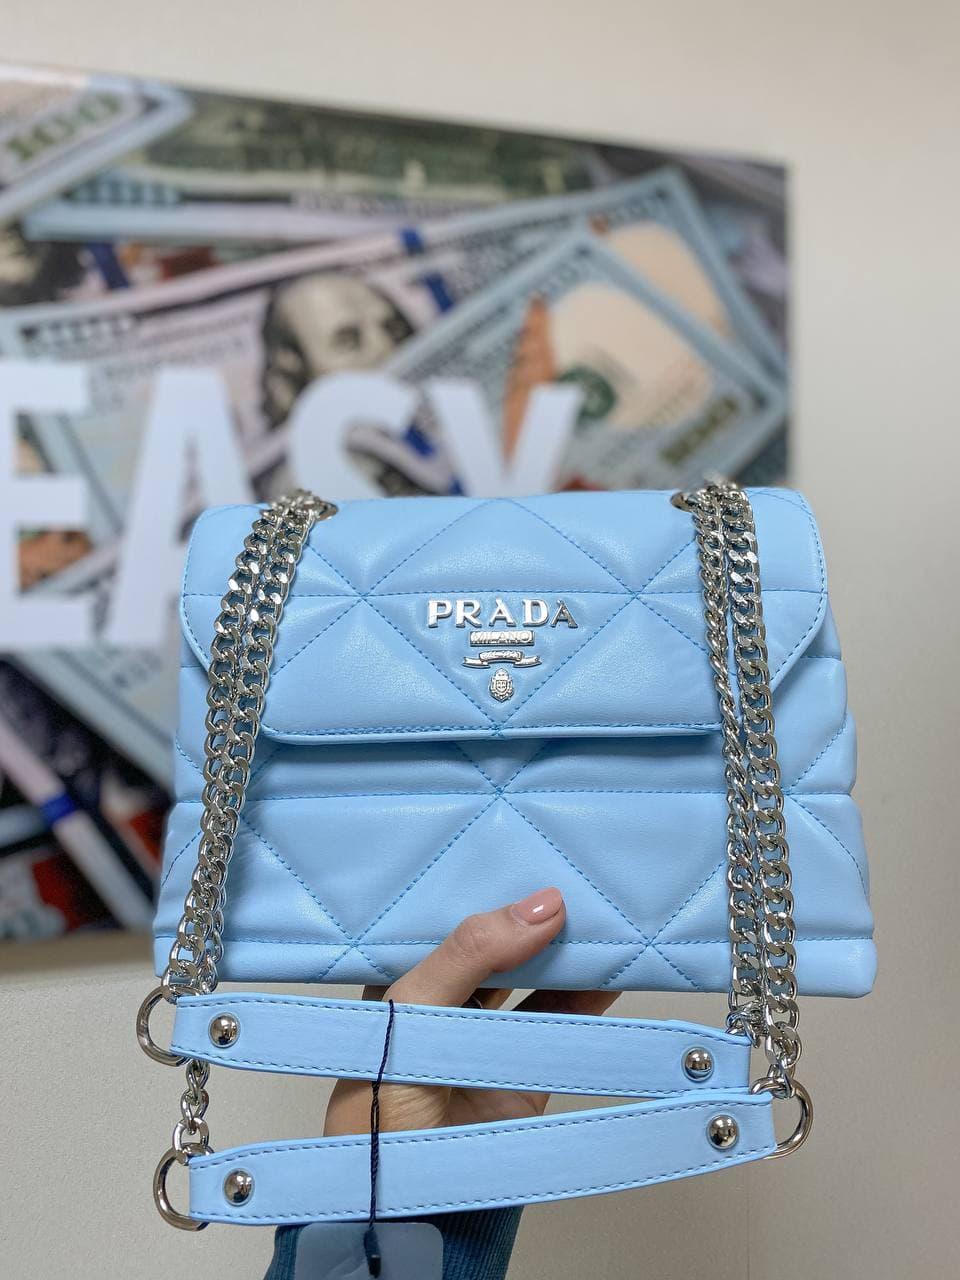 Женская сумка Prada Spectrum Blue | Клатч Прада Спектрум Голубой